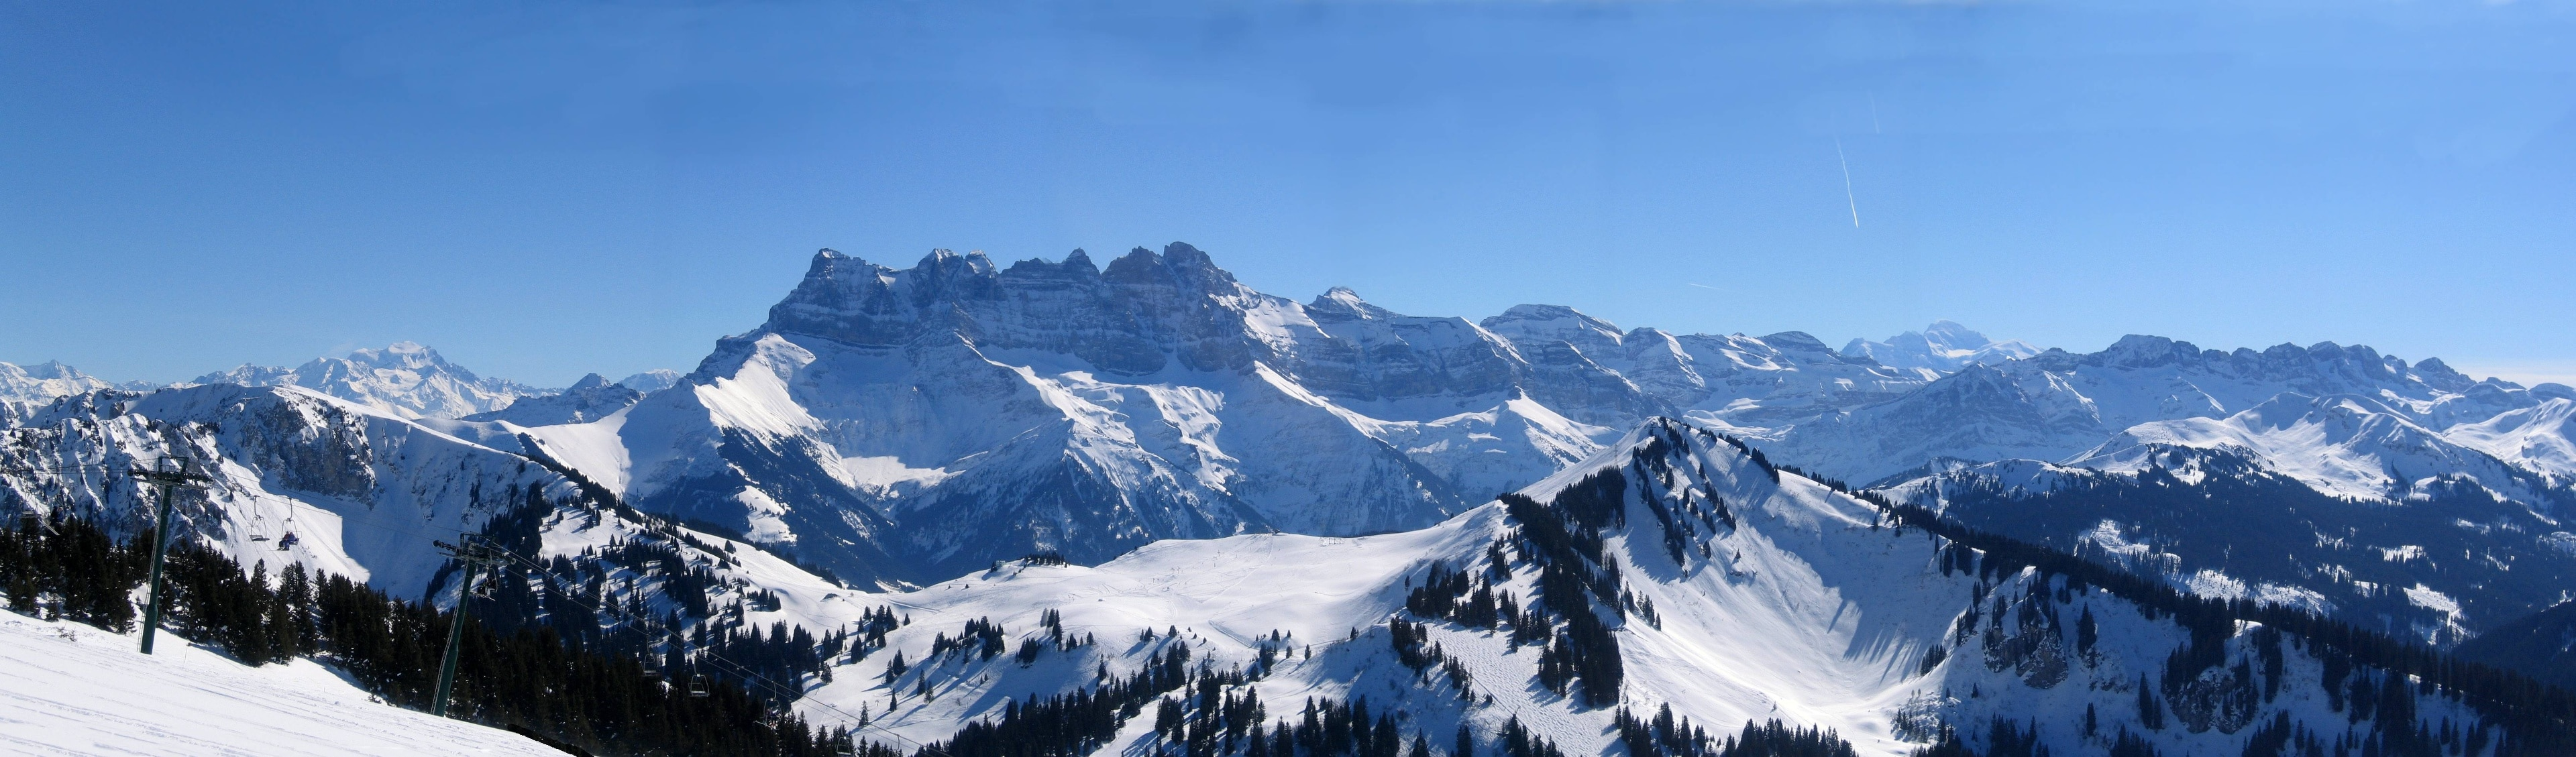 Chatel, Haute-Savoie, France